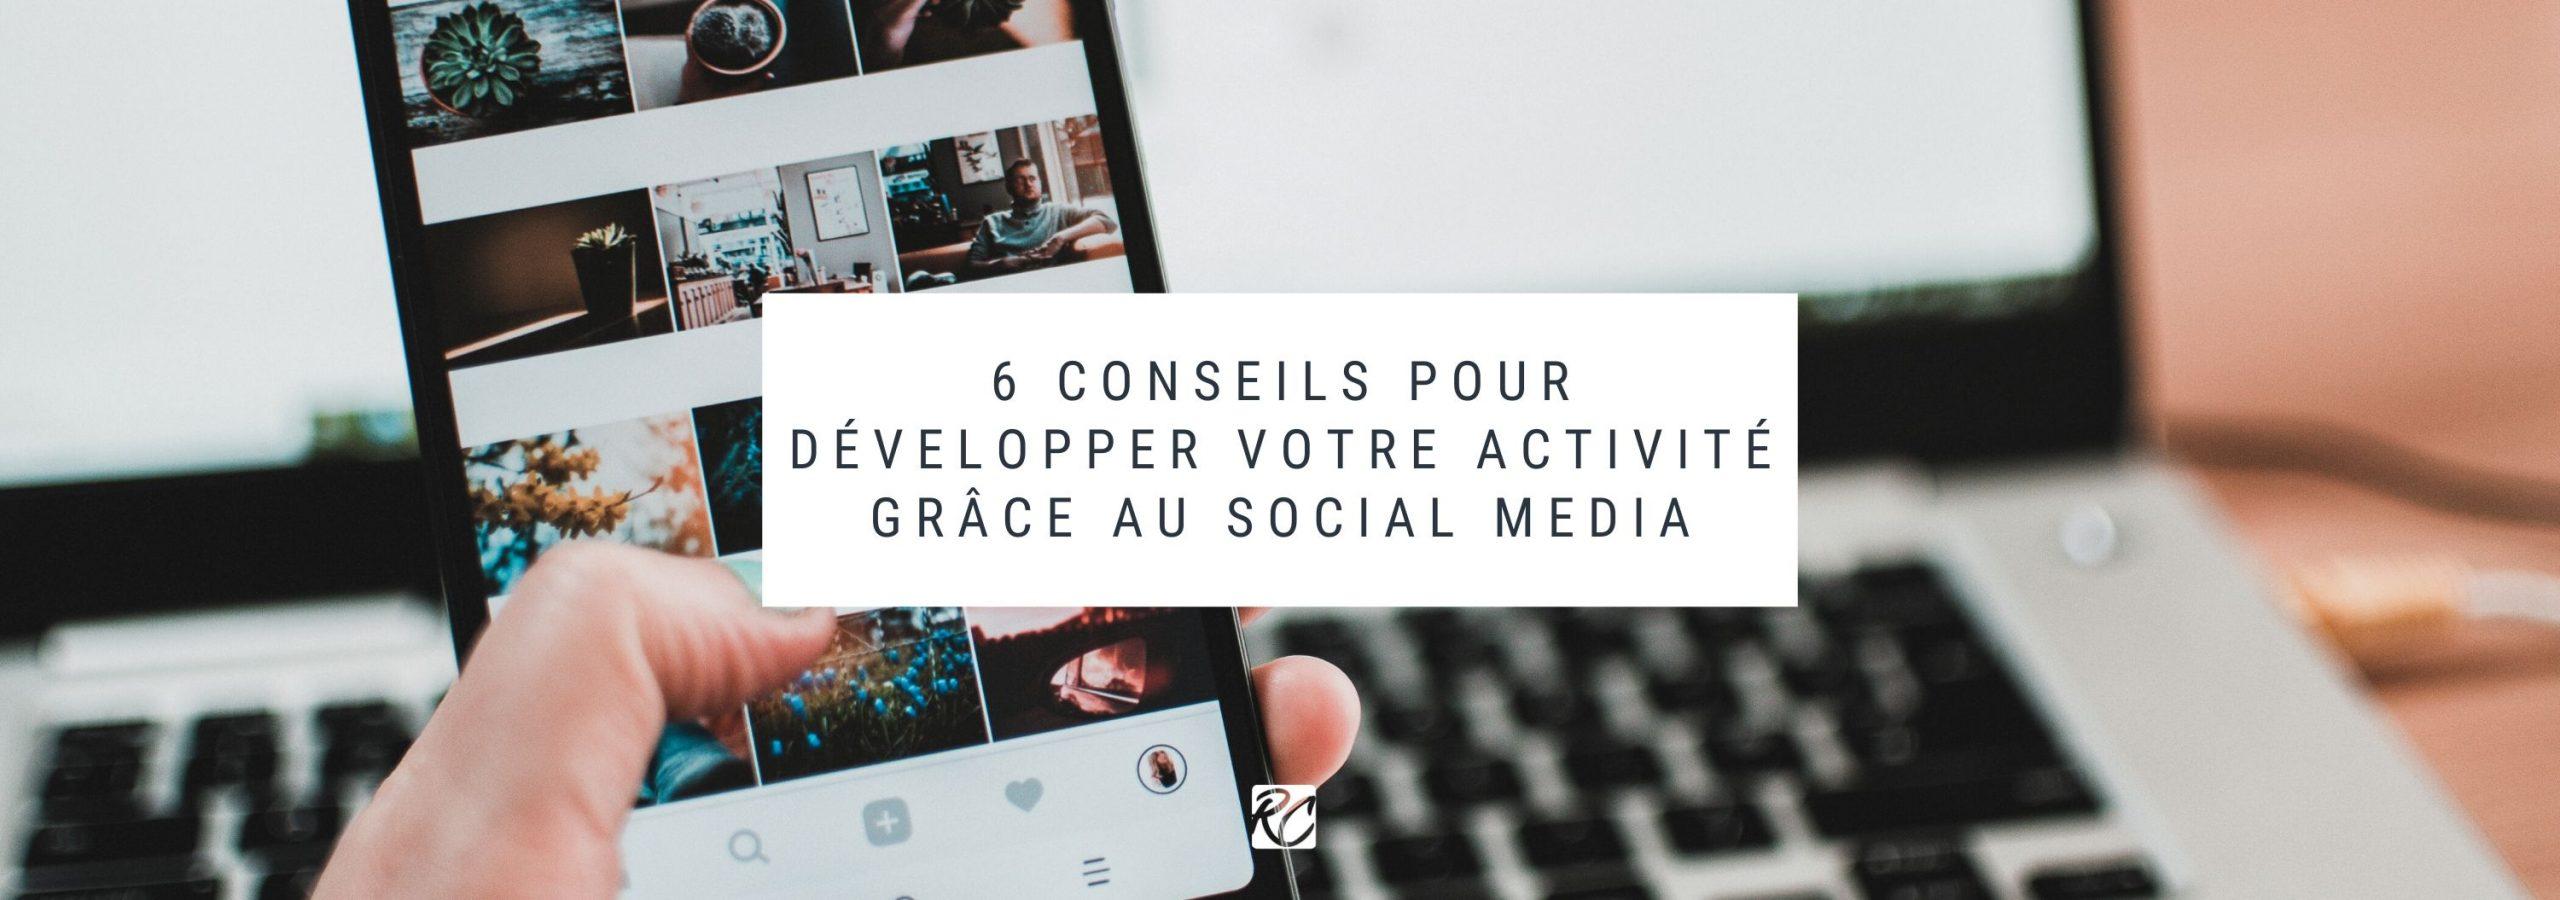 Développer son activité grâce au social media